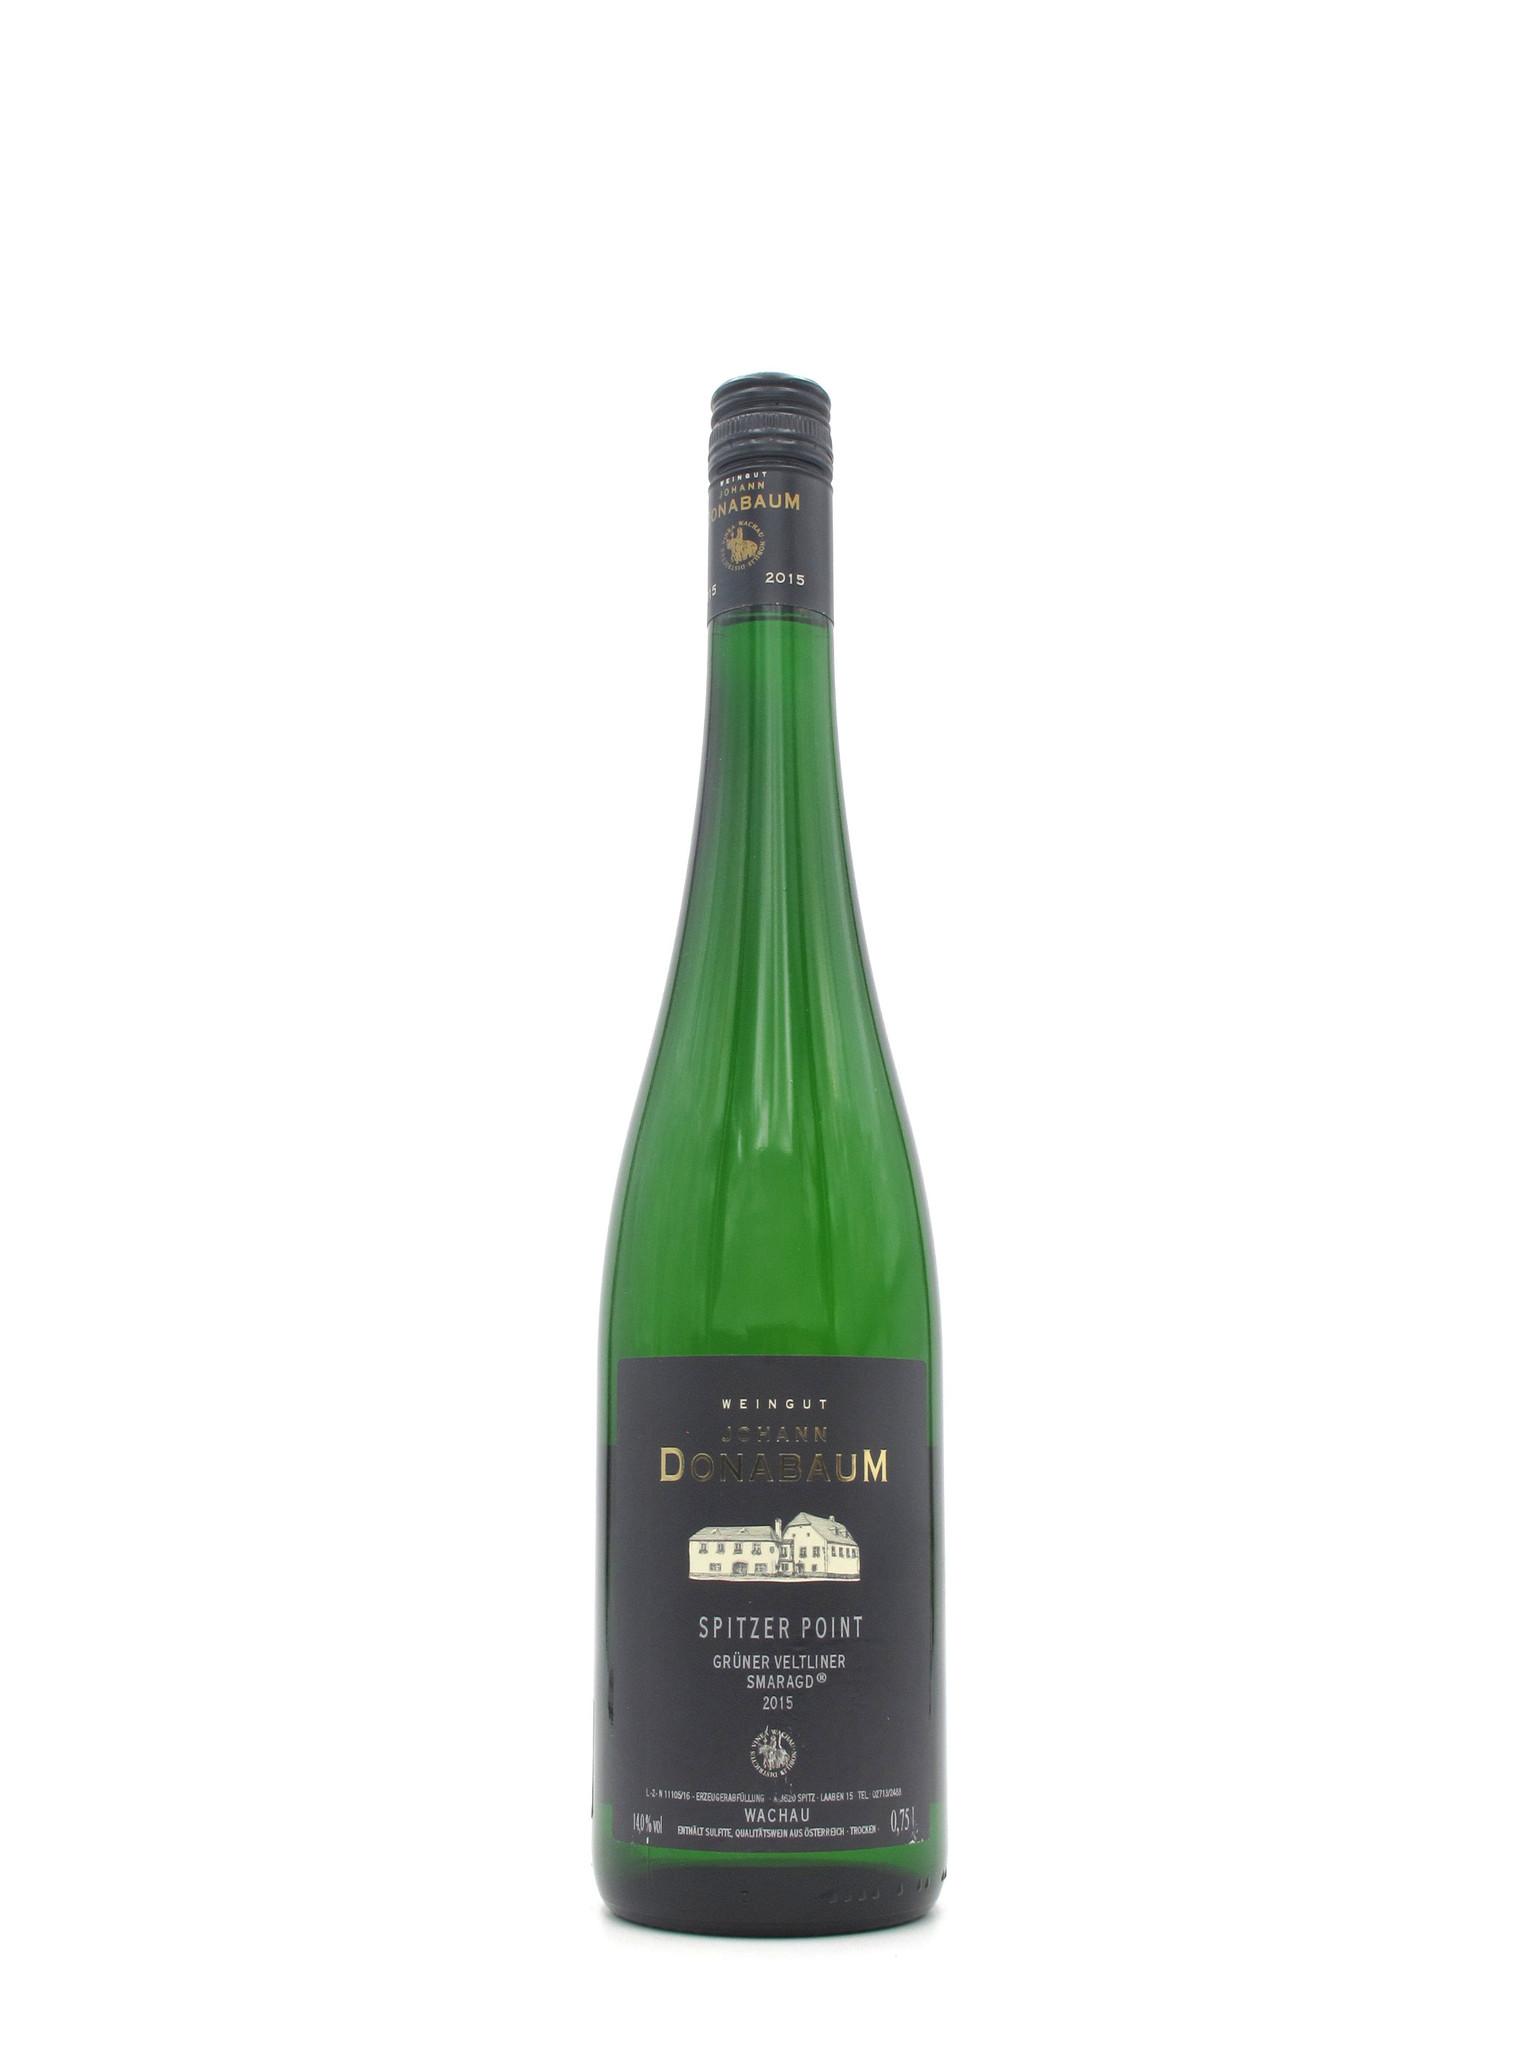 Weingut Johan Donabaum 2015 Johann Donabaum Spitzer Point Grüner Veltliner Smaragd 750mL